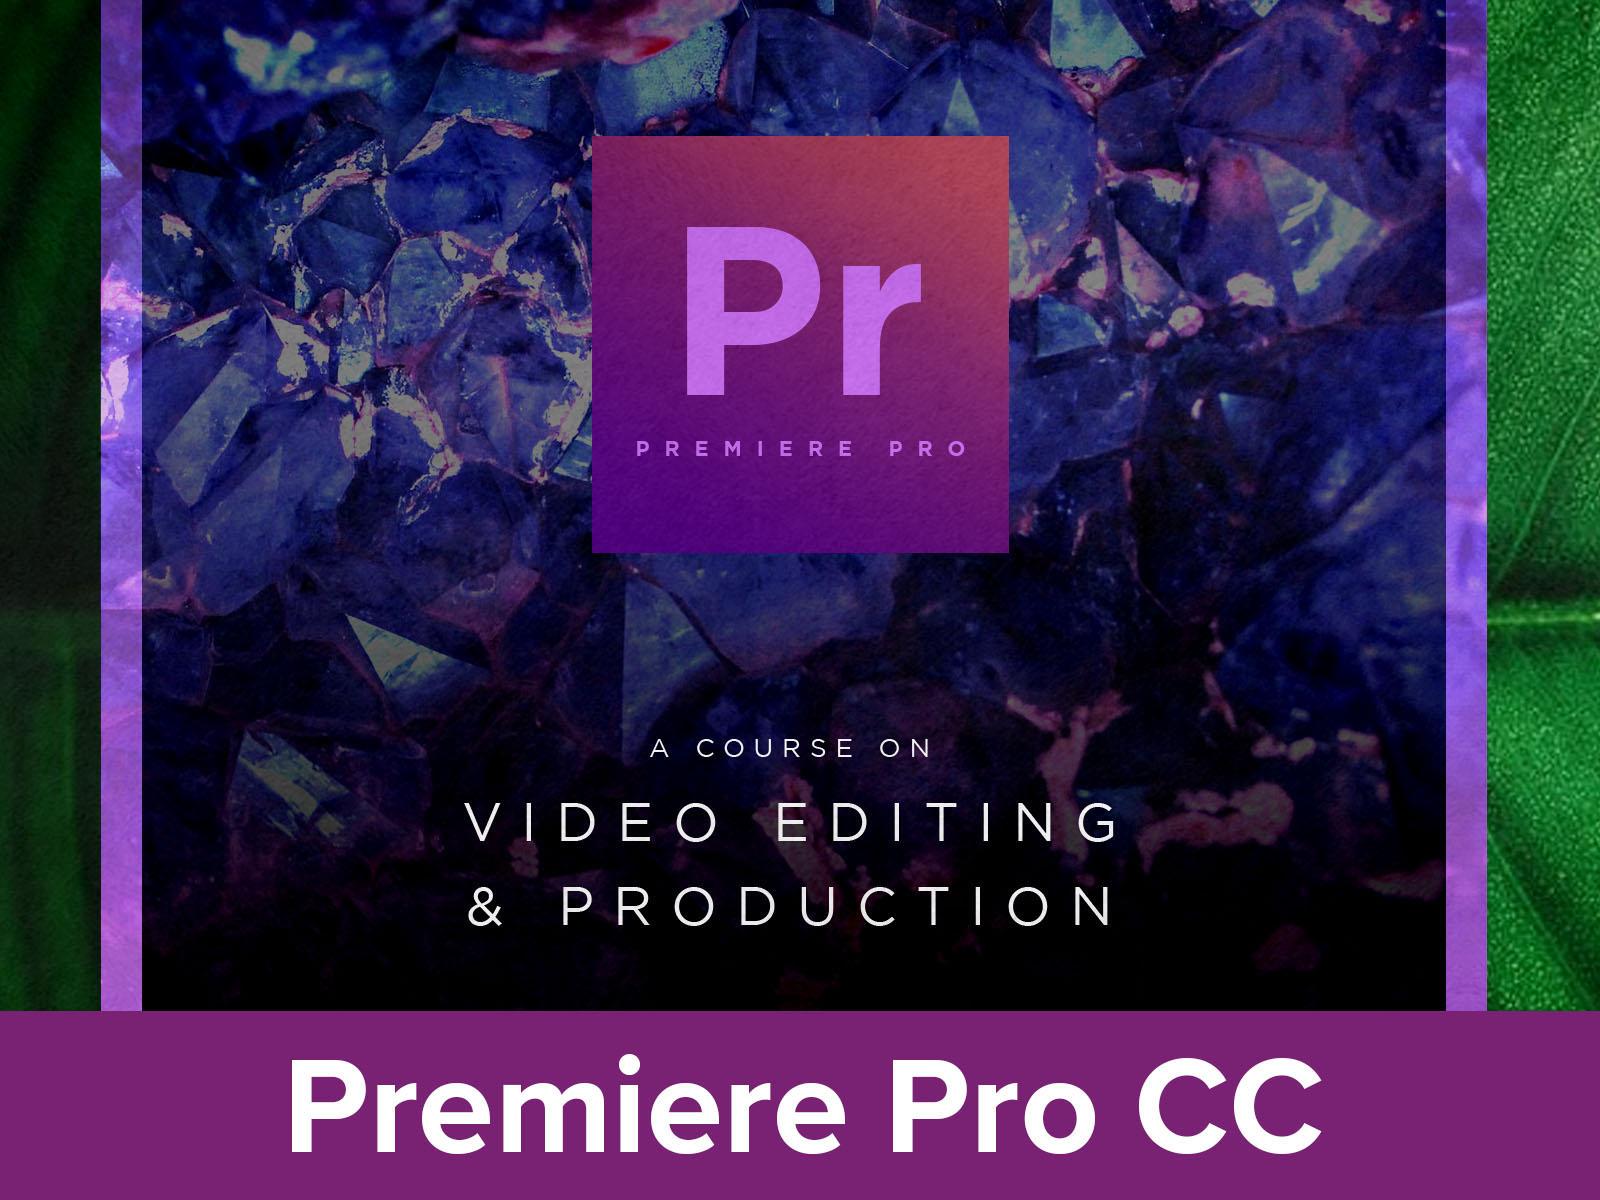 Adobe Premiere CC18 19 20 course image